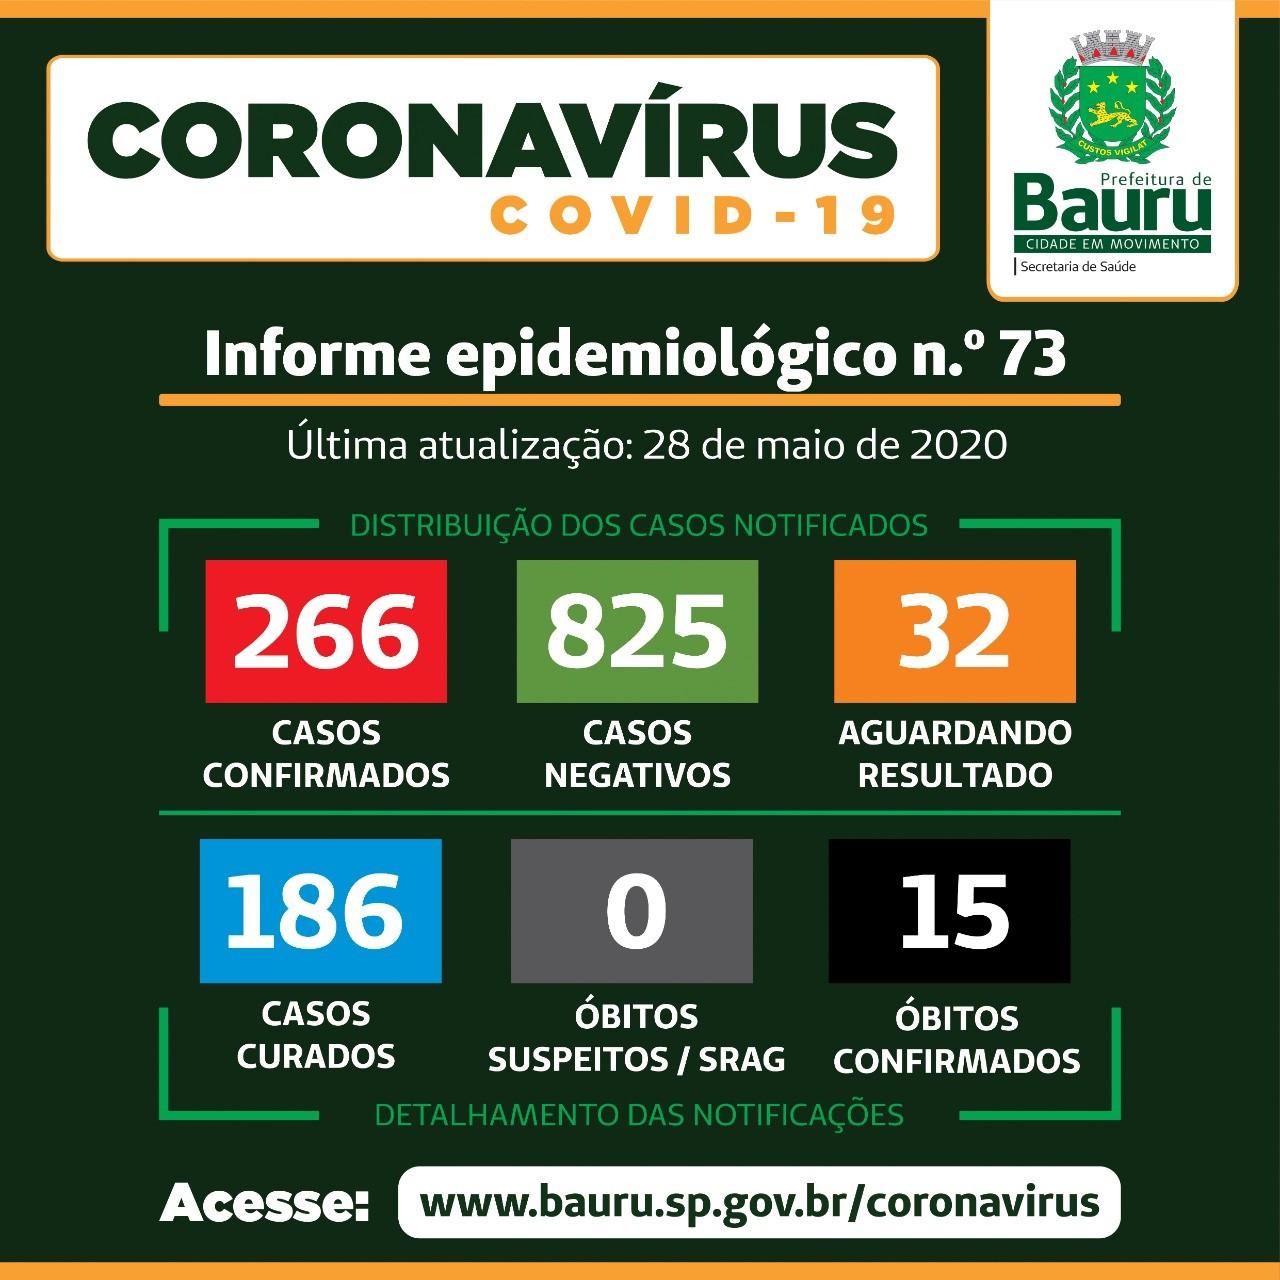 Bauru confirma a 15ª morte causada pela Covid-19